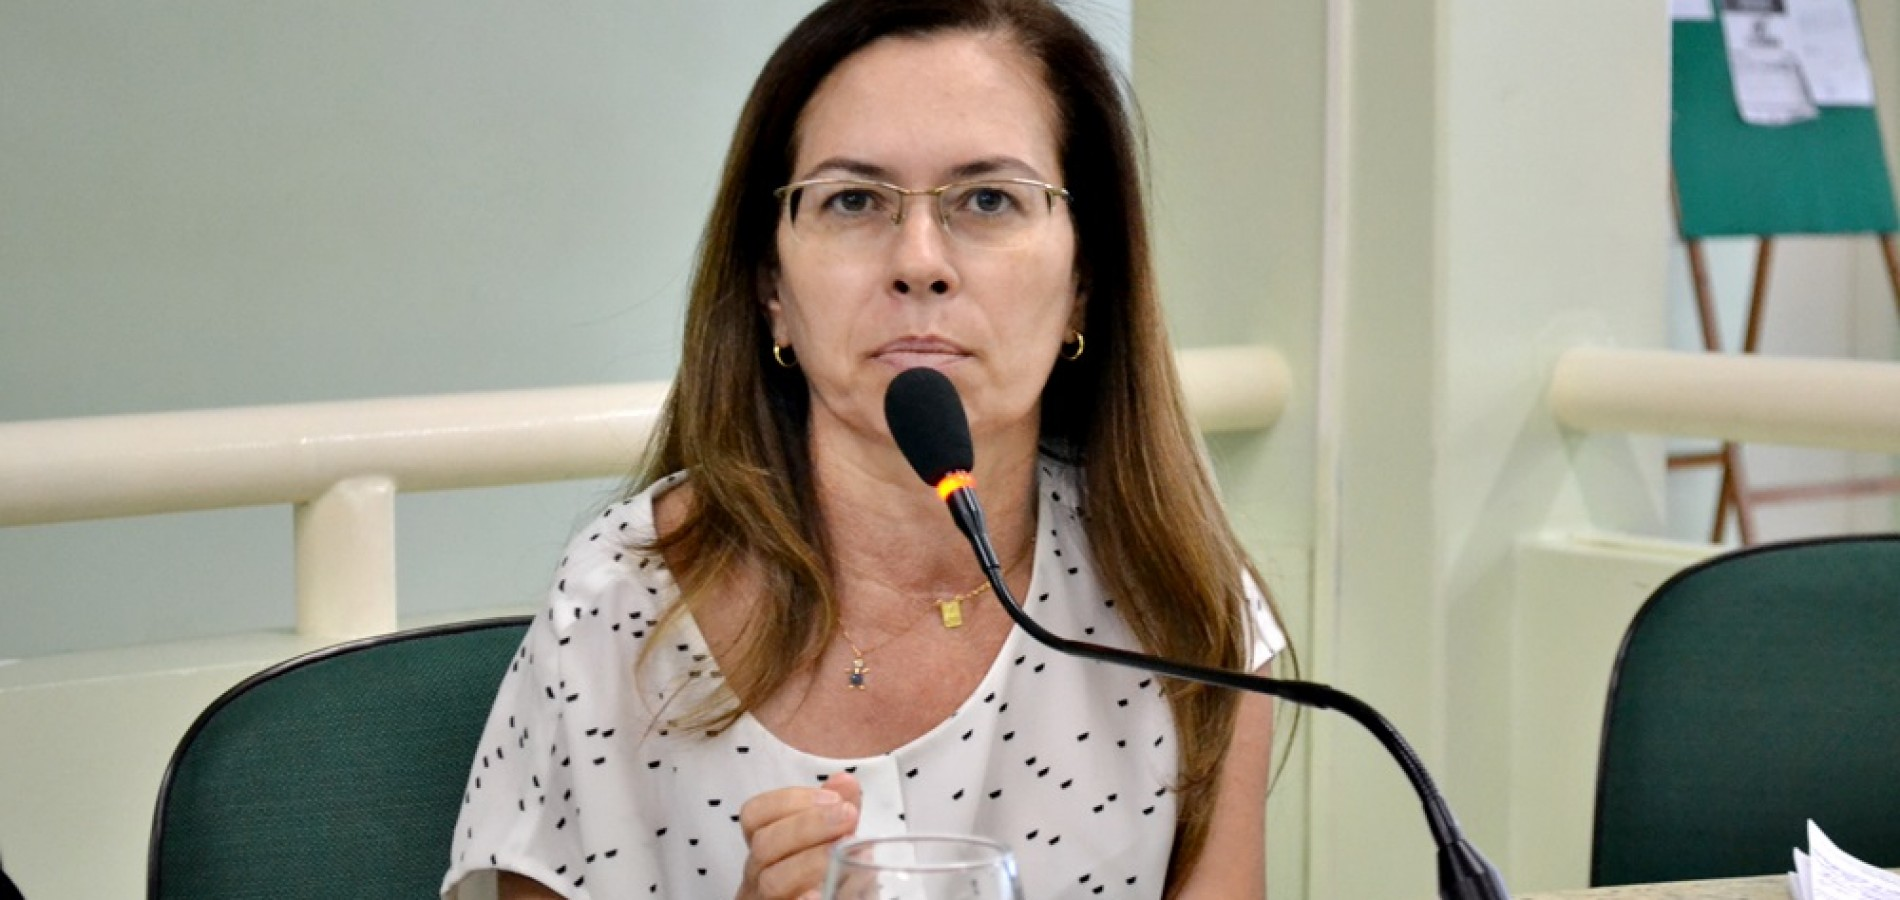 JAICÓS | Olisabel Silveira quer van para transporte de pacientes e reajuste para servidores